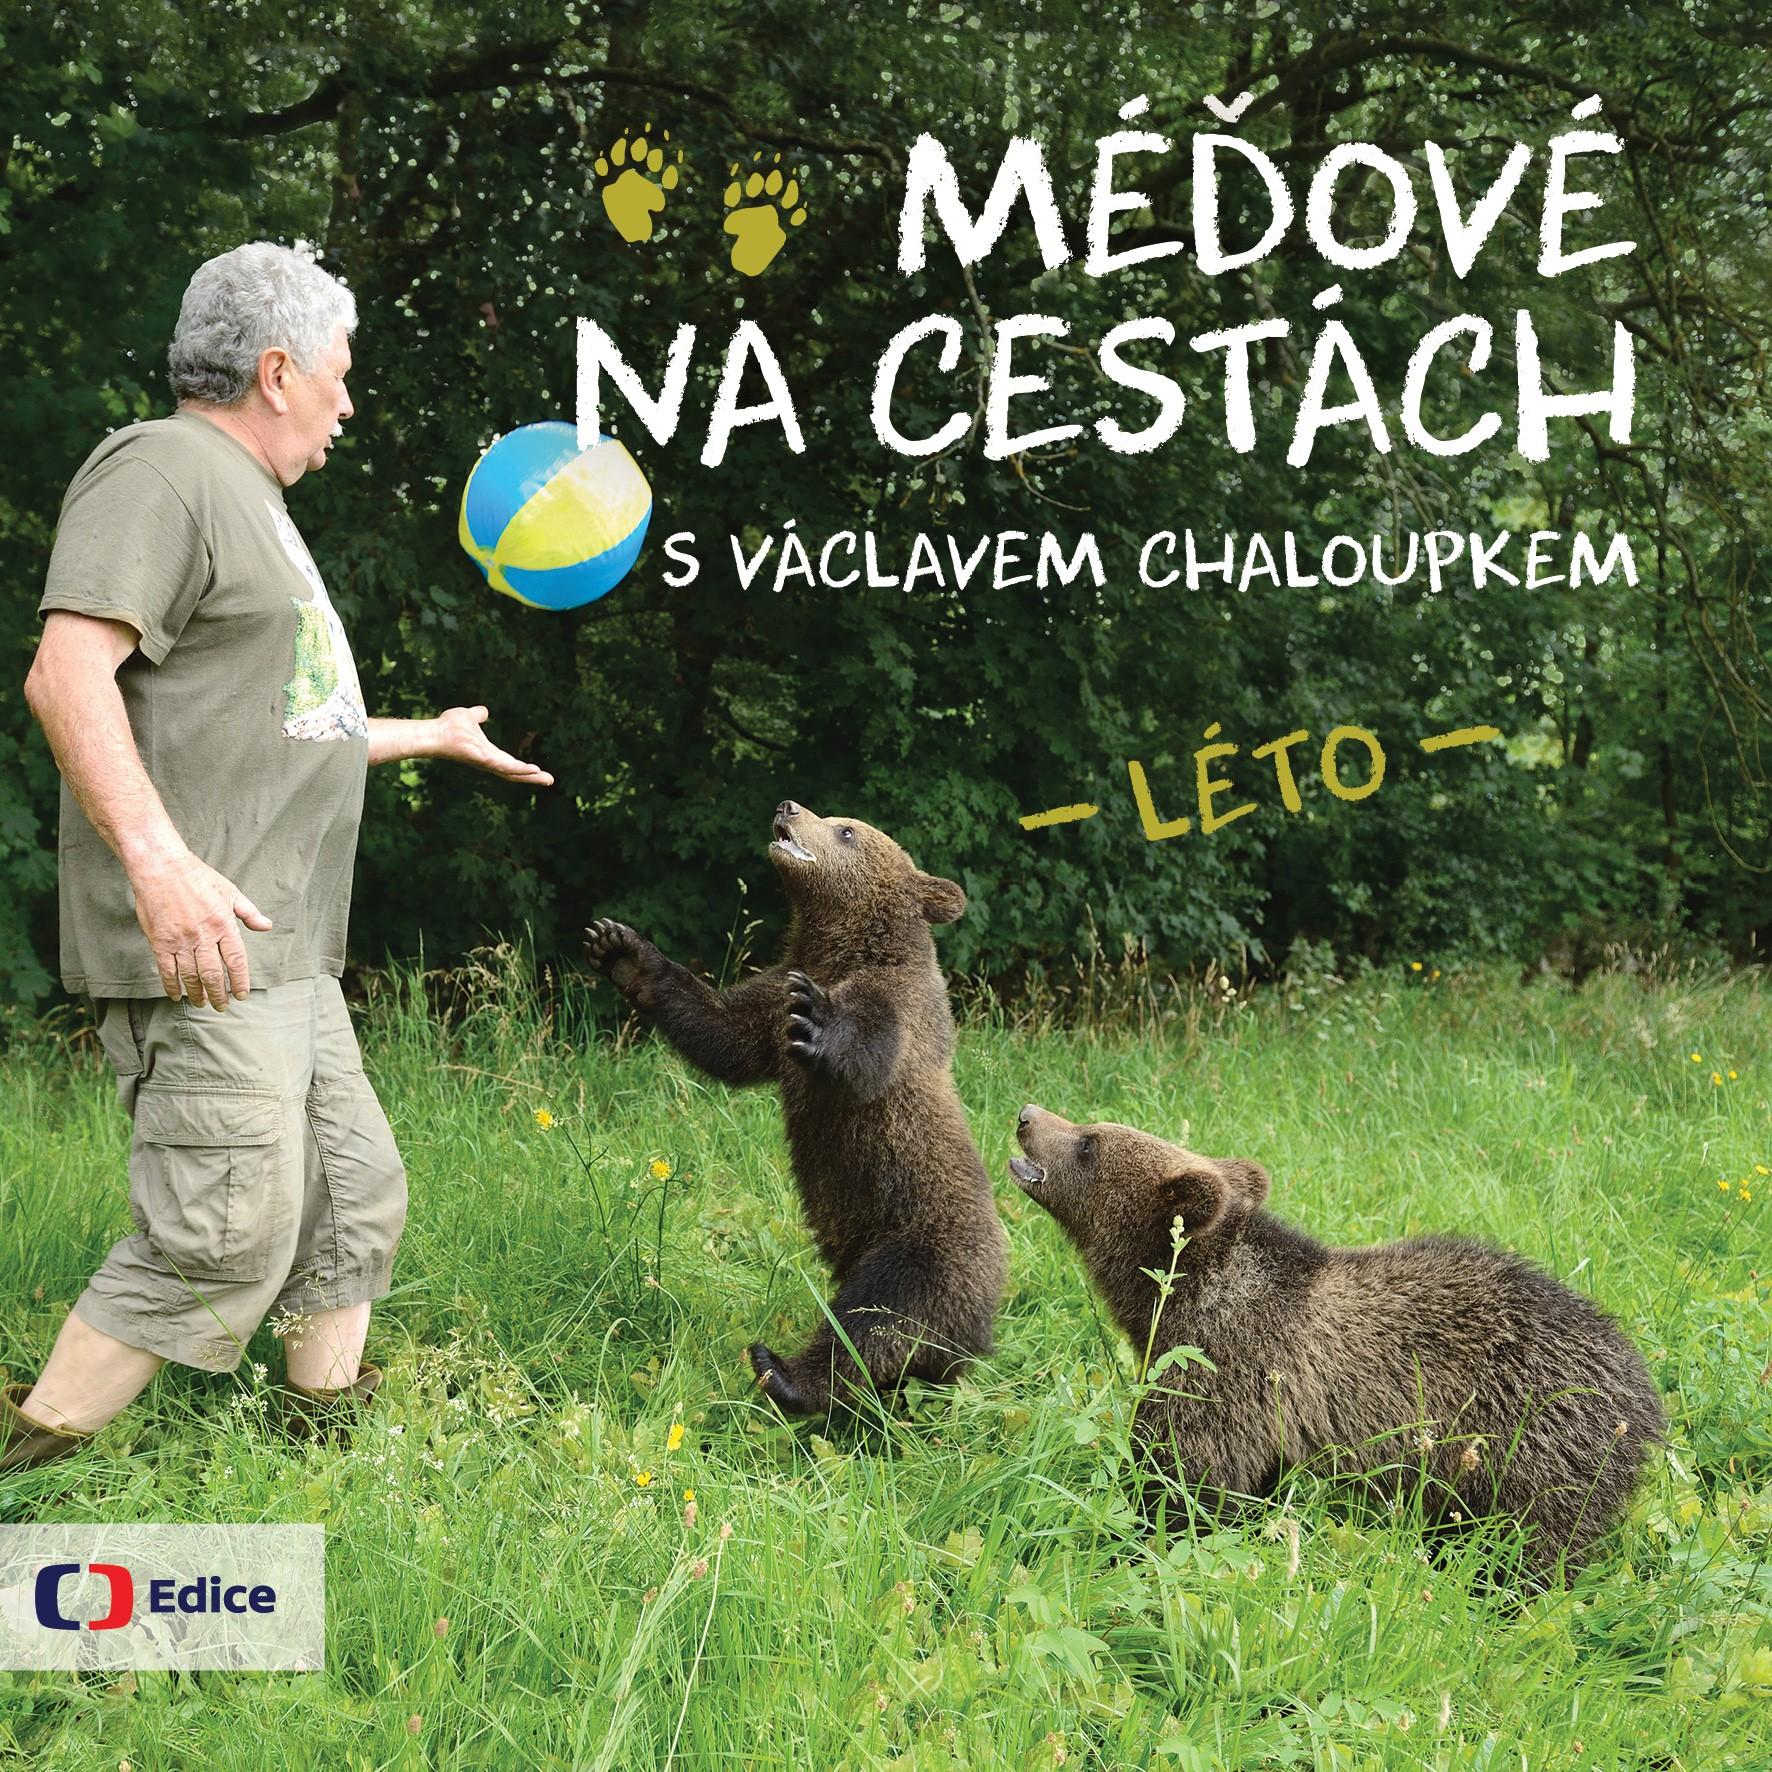 Méďové na cestách LÉTO | Václav Chaloupek